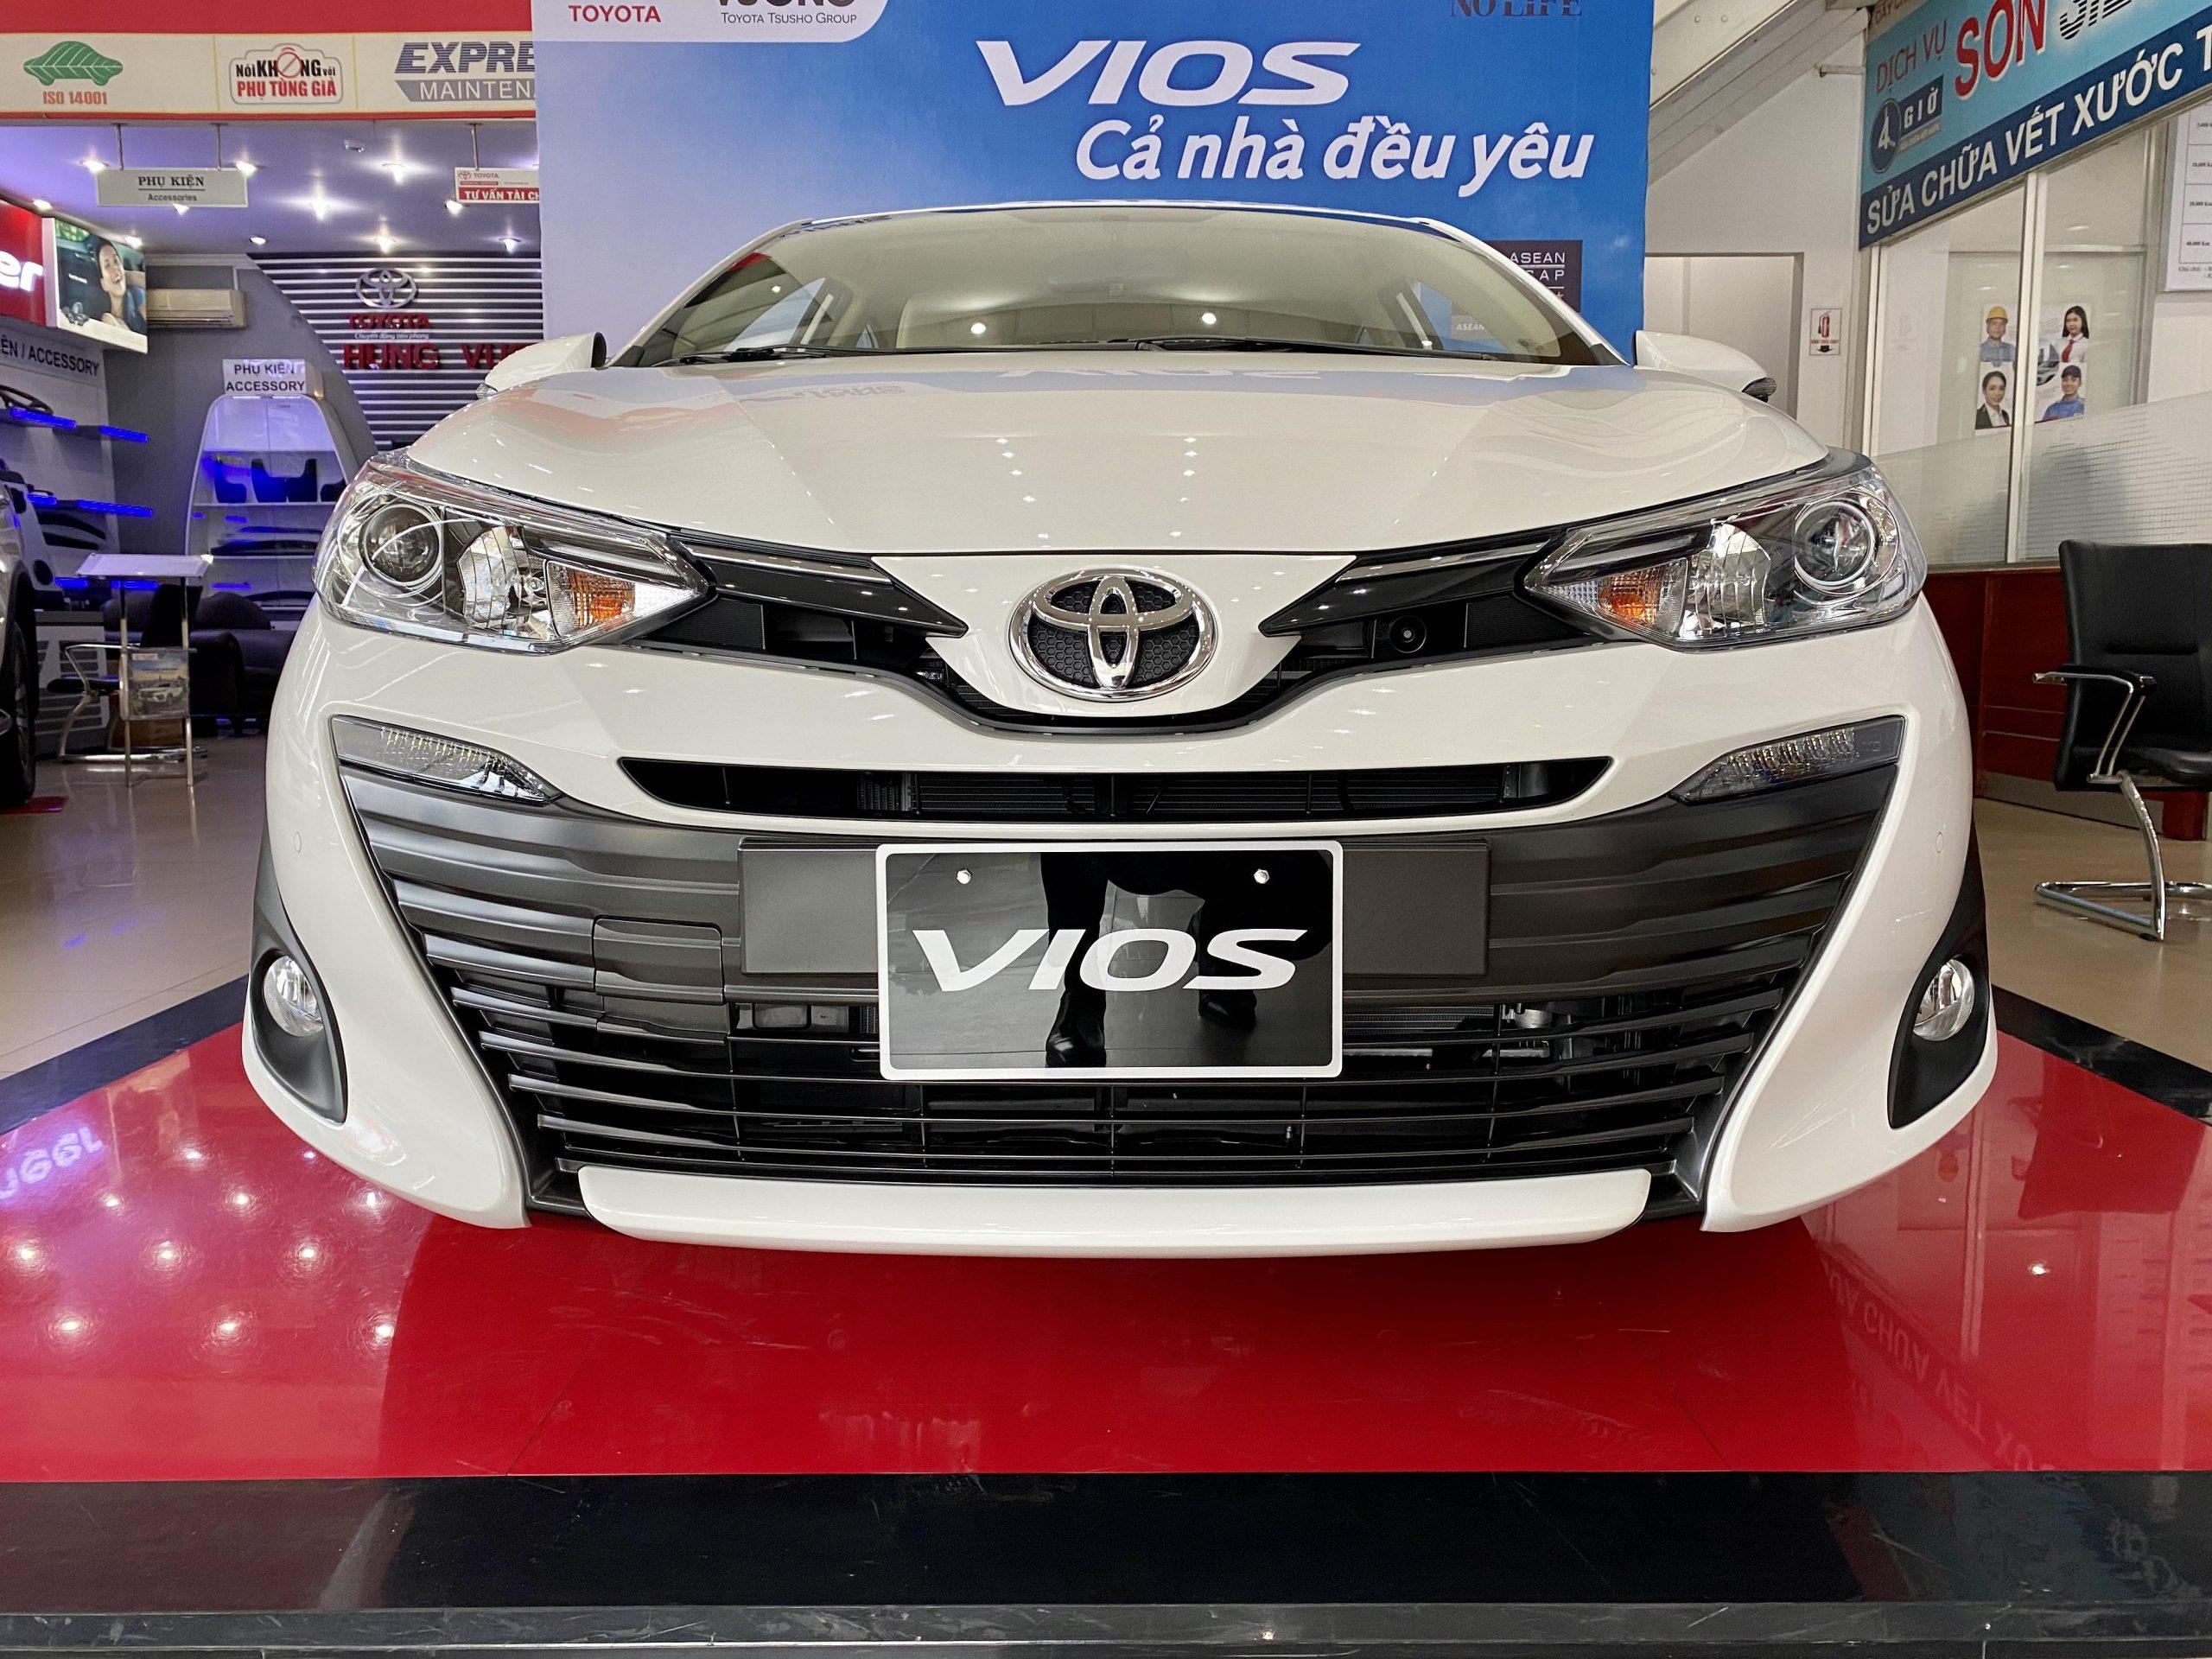 Vios 2020 G 03 scaled - Toyota Vios 2020: giá bán và khuyến mãi cập nhật mỗi 2 phút